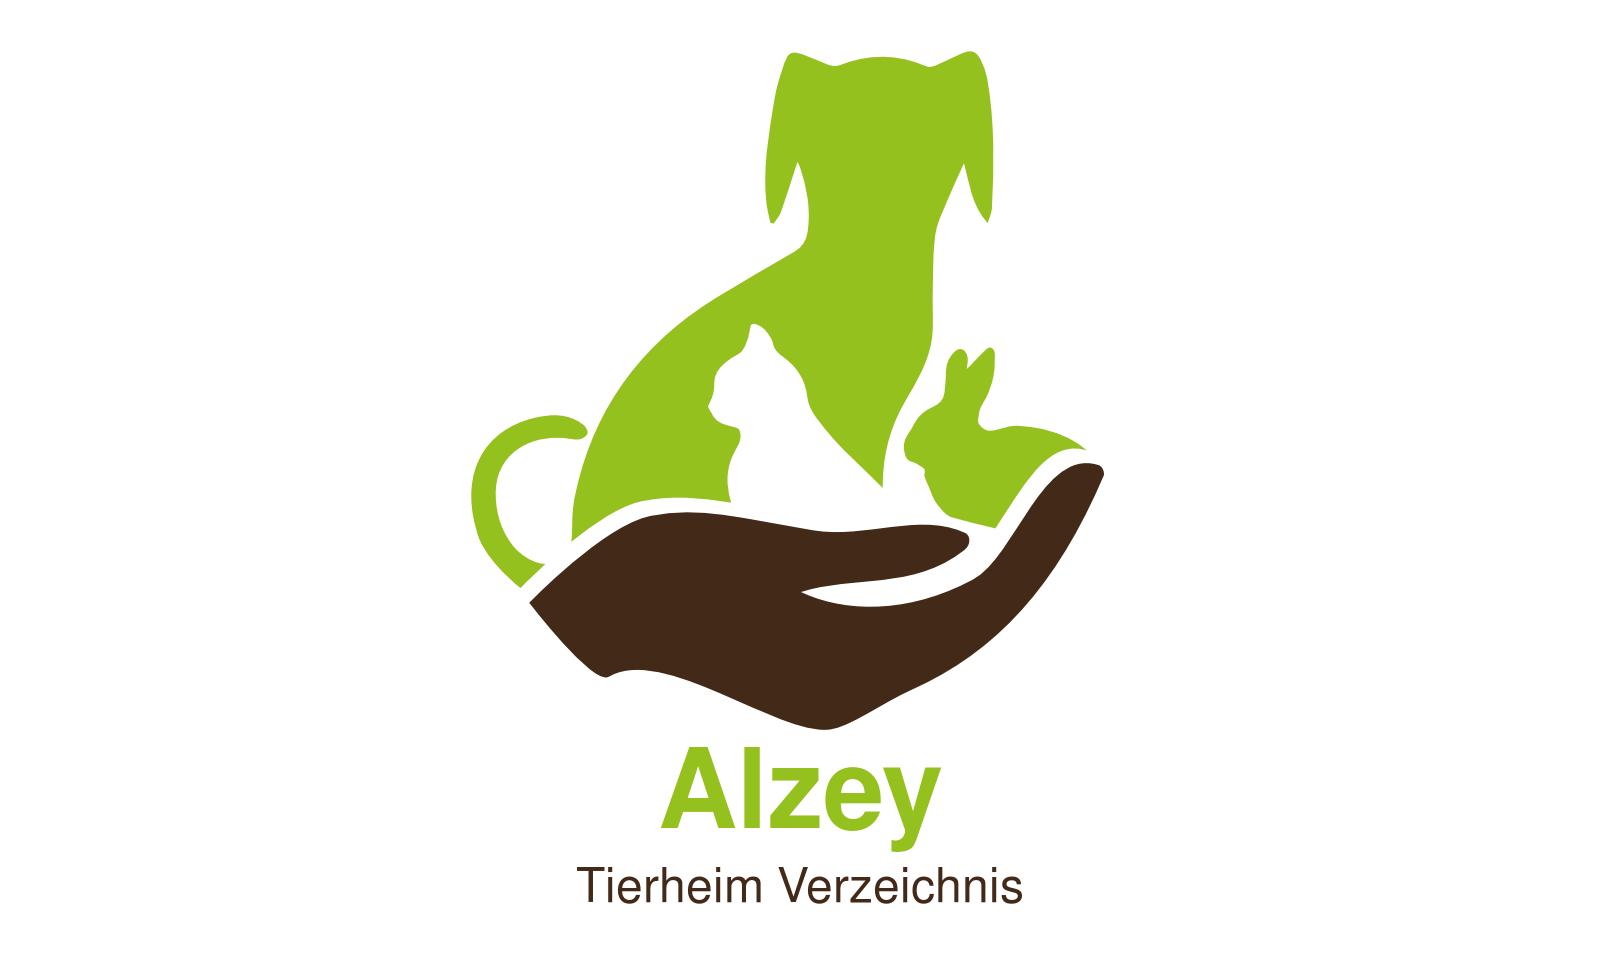 Tierheim Alzey